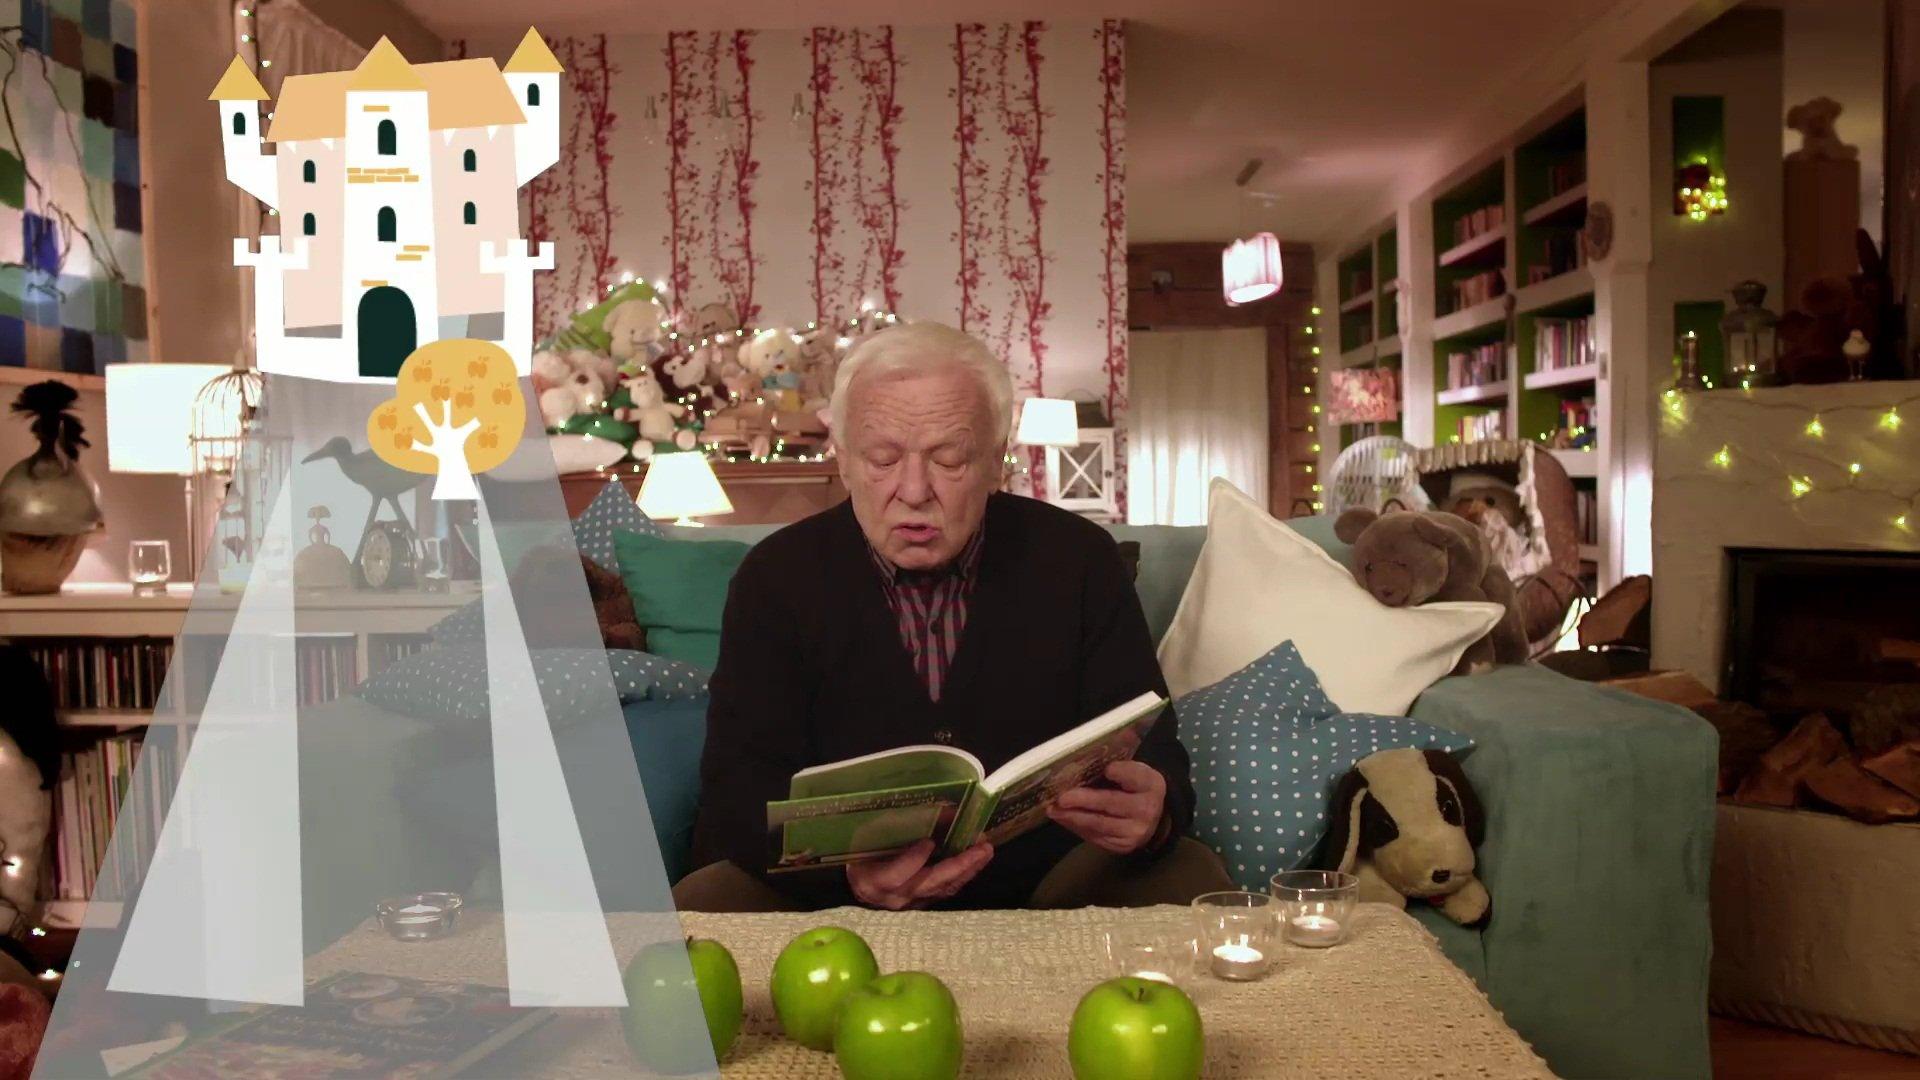 Posłuchaj bajki Szklana góra. Czyta Marian Opania, darmowe audiobooki dla dzieci na dobranoc